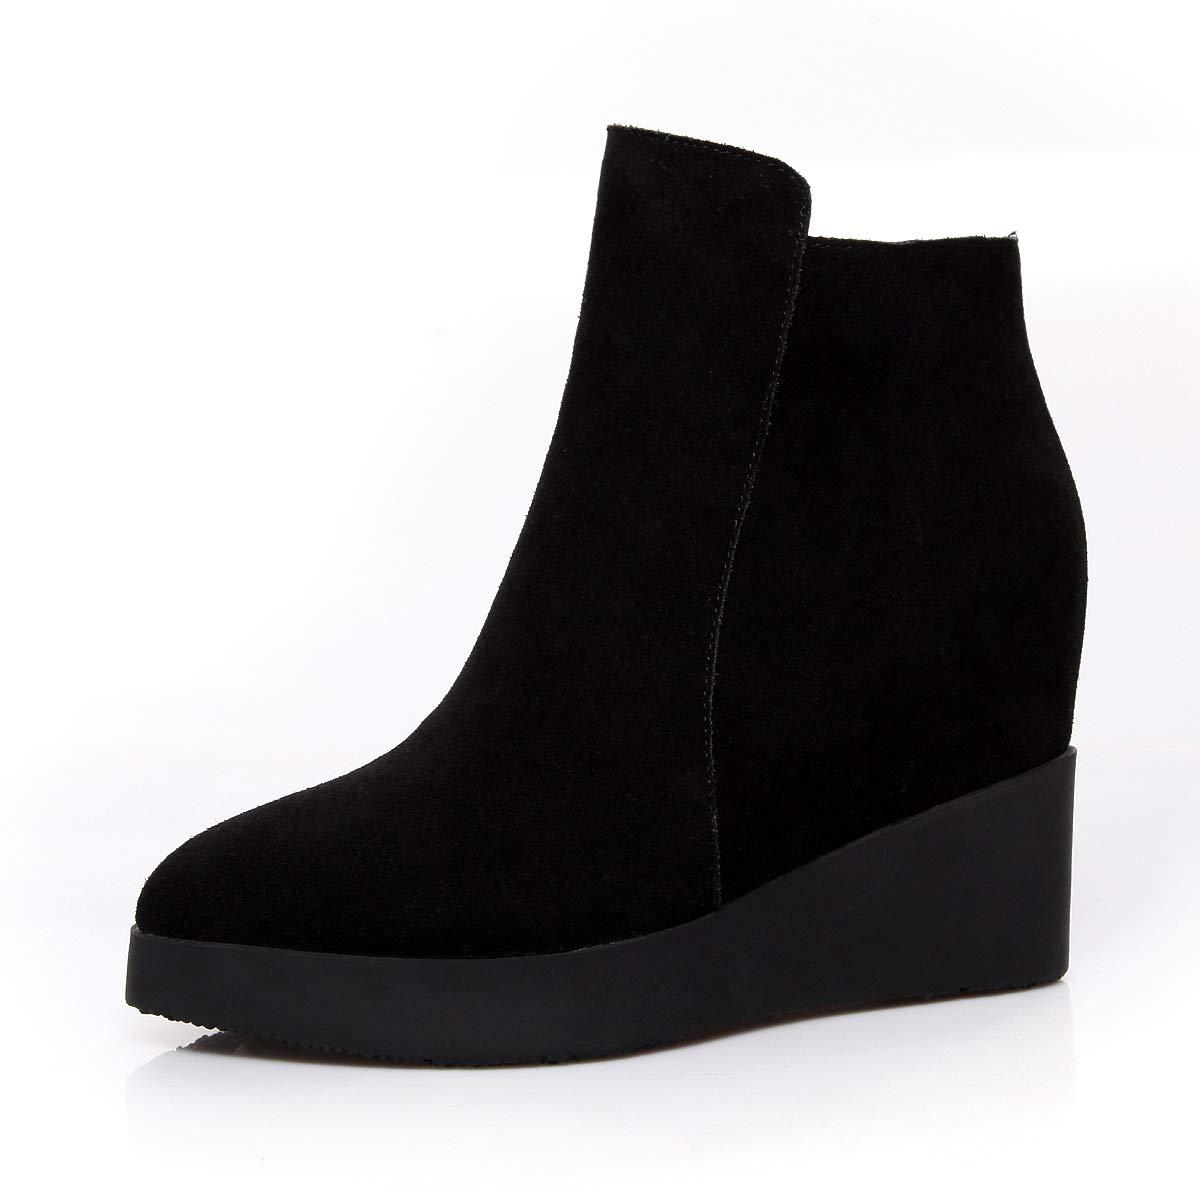 Shukun Stiefeletten Herbst und Winter Frauen Schuhe bereift PU Stiefel Frauen erhöhte weibliche Stiefel dünne Stiefel Martin Stiefel Frauen